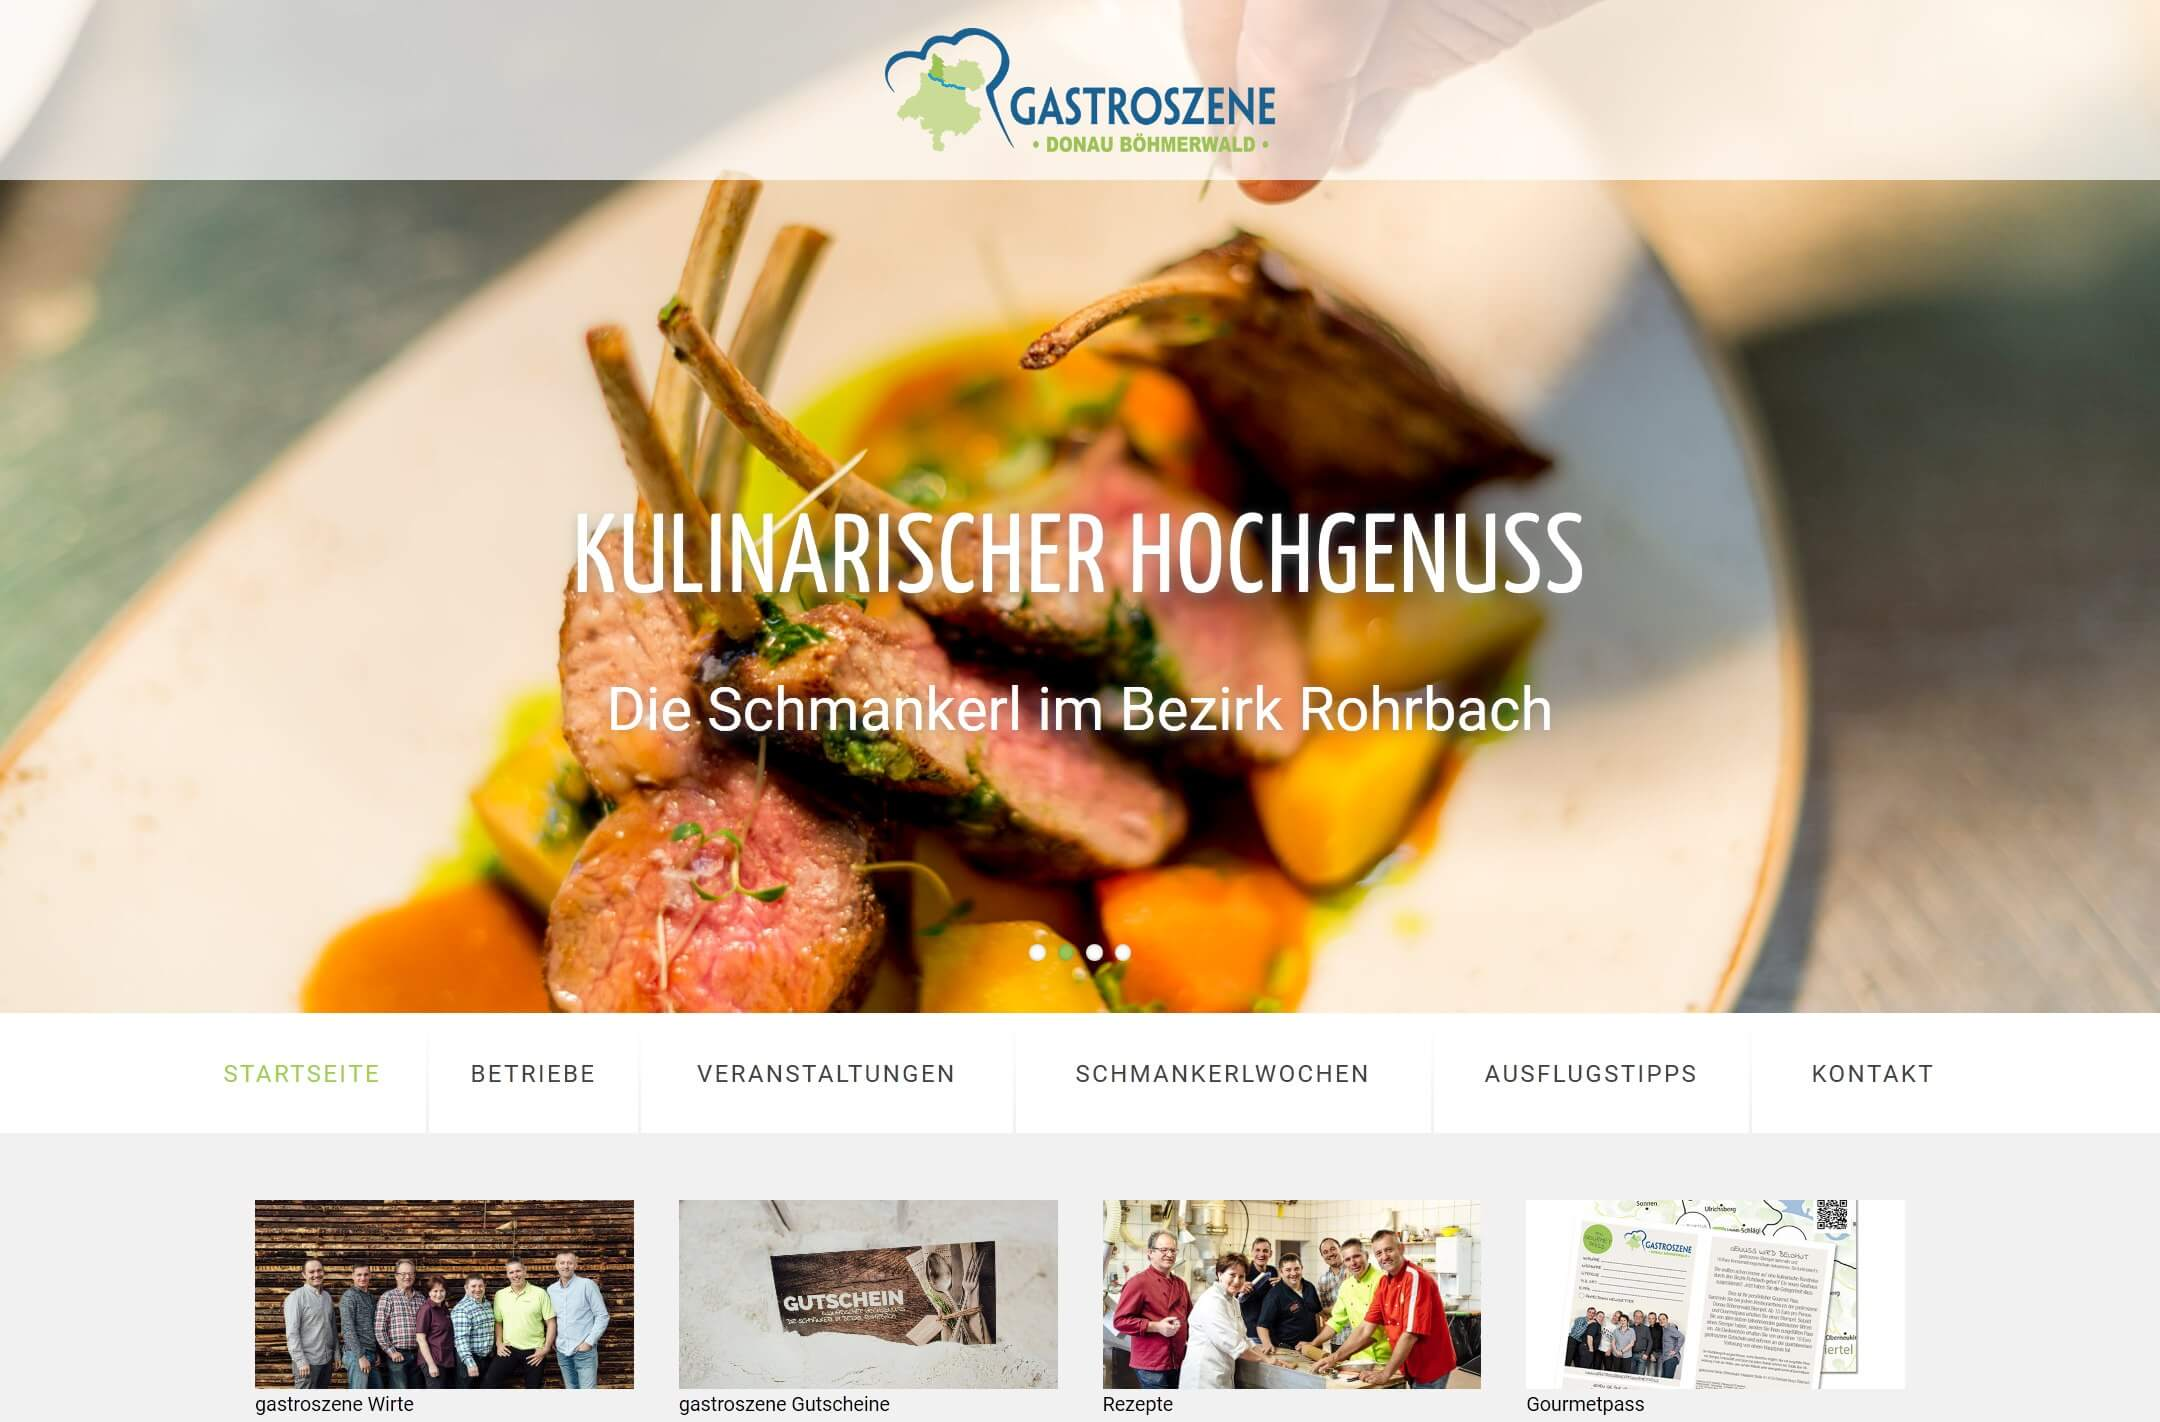 Gastroszene Rohrbach